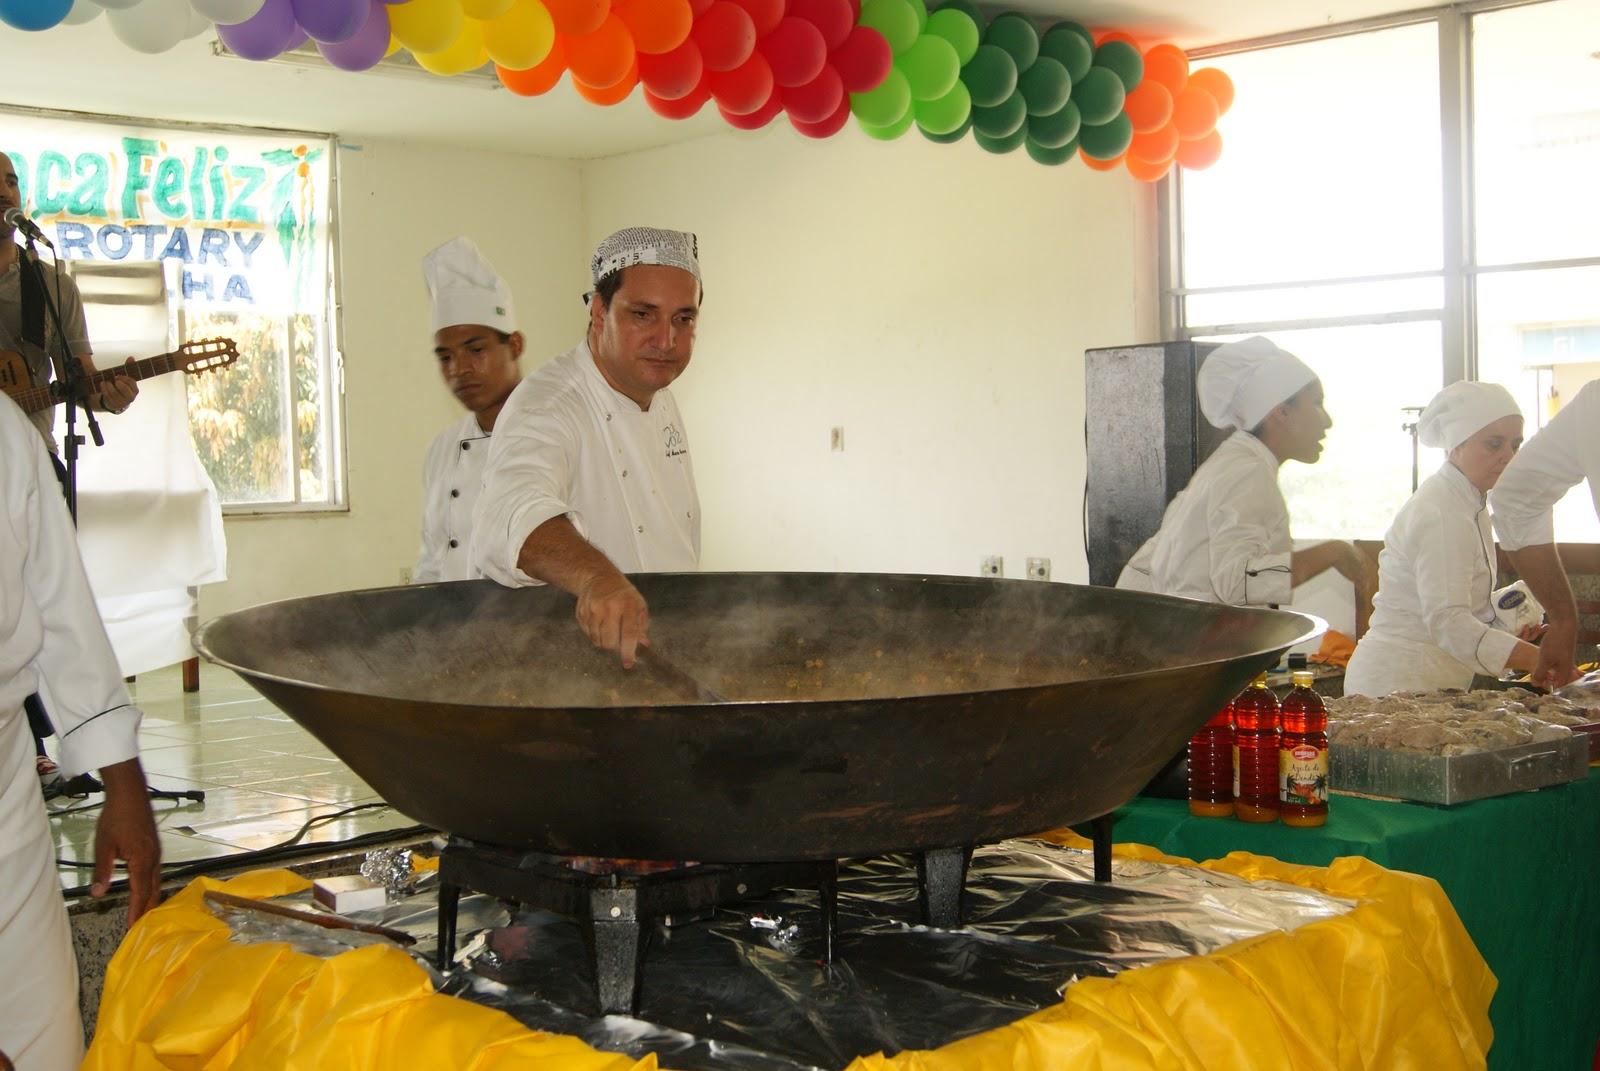 #C28609 ALMOÇO MAIS VOCÊ E UNISUAN ONG MÃOS SOLIDÁRIAS REALIZADO EM 2009 1600x1071 px Projeto Cozinha Comunitária #2487 imagens